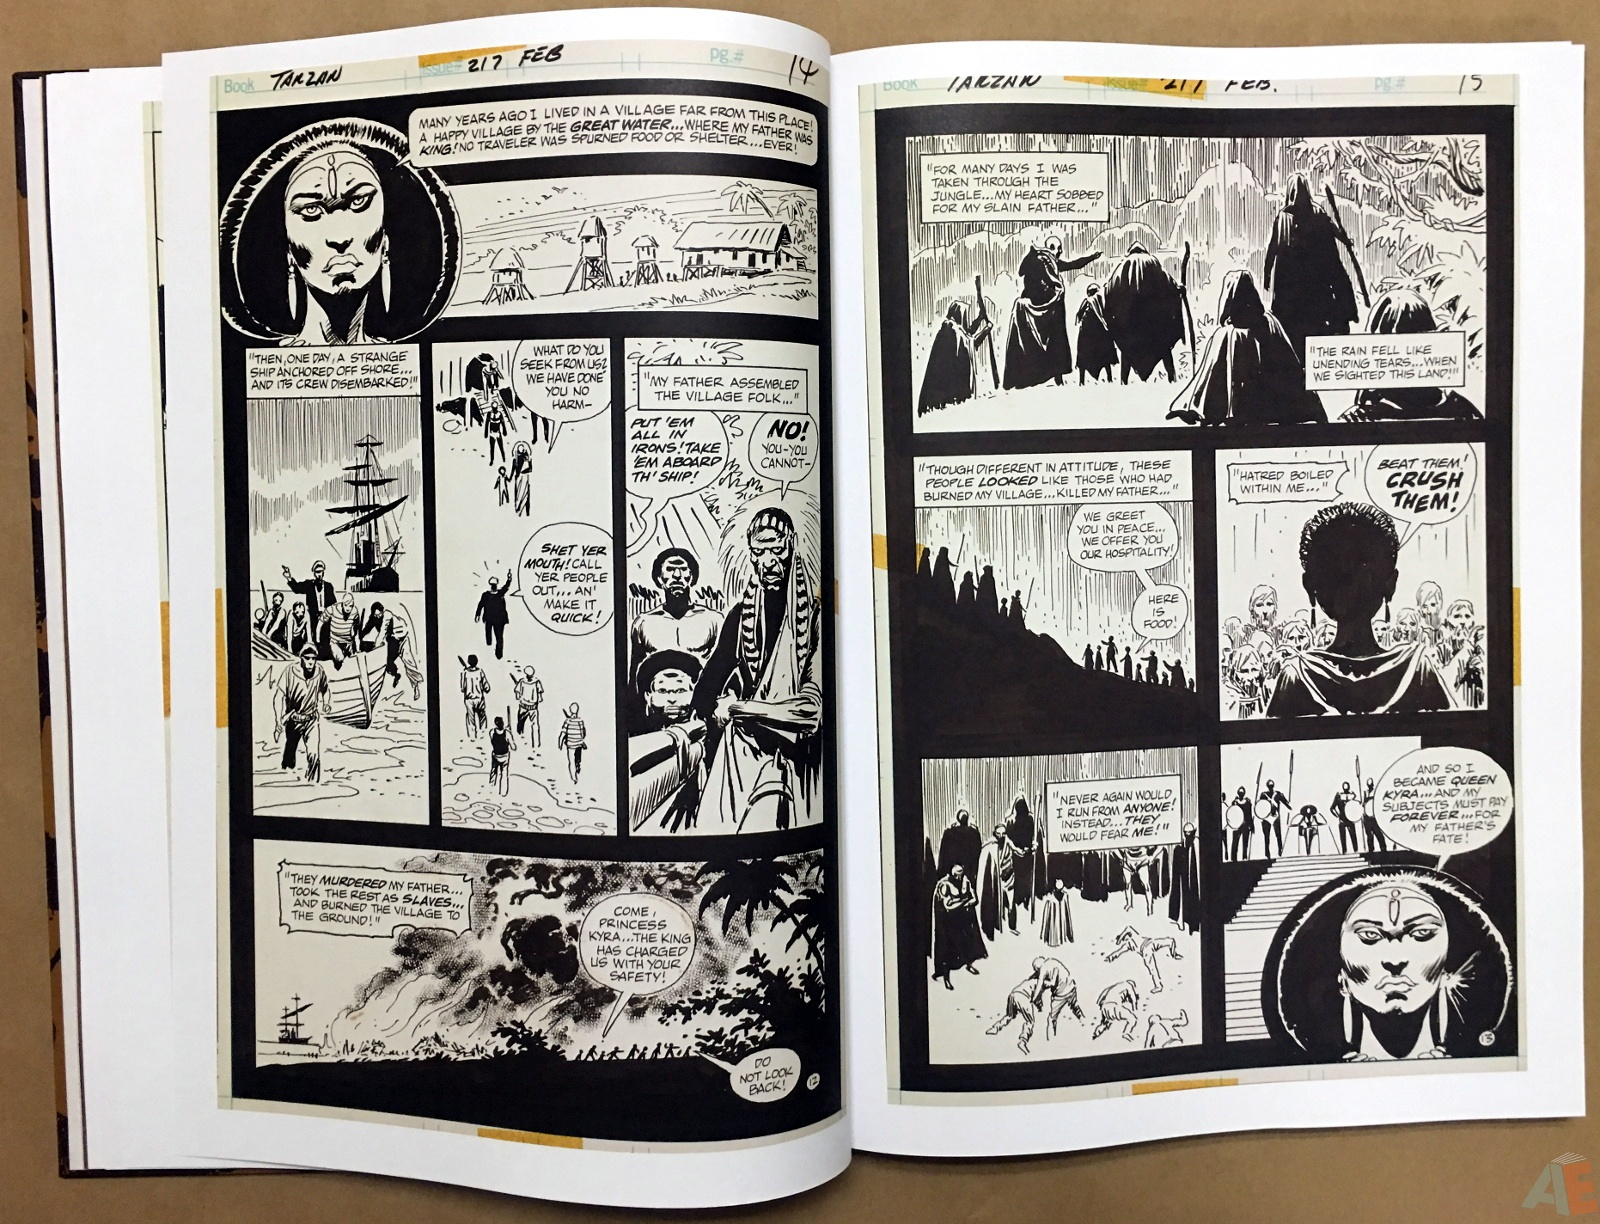 Joe Kubert's The Return Of Tarzan Artist's Edition 18